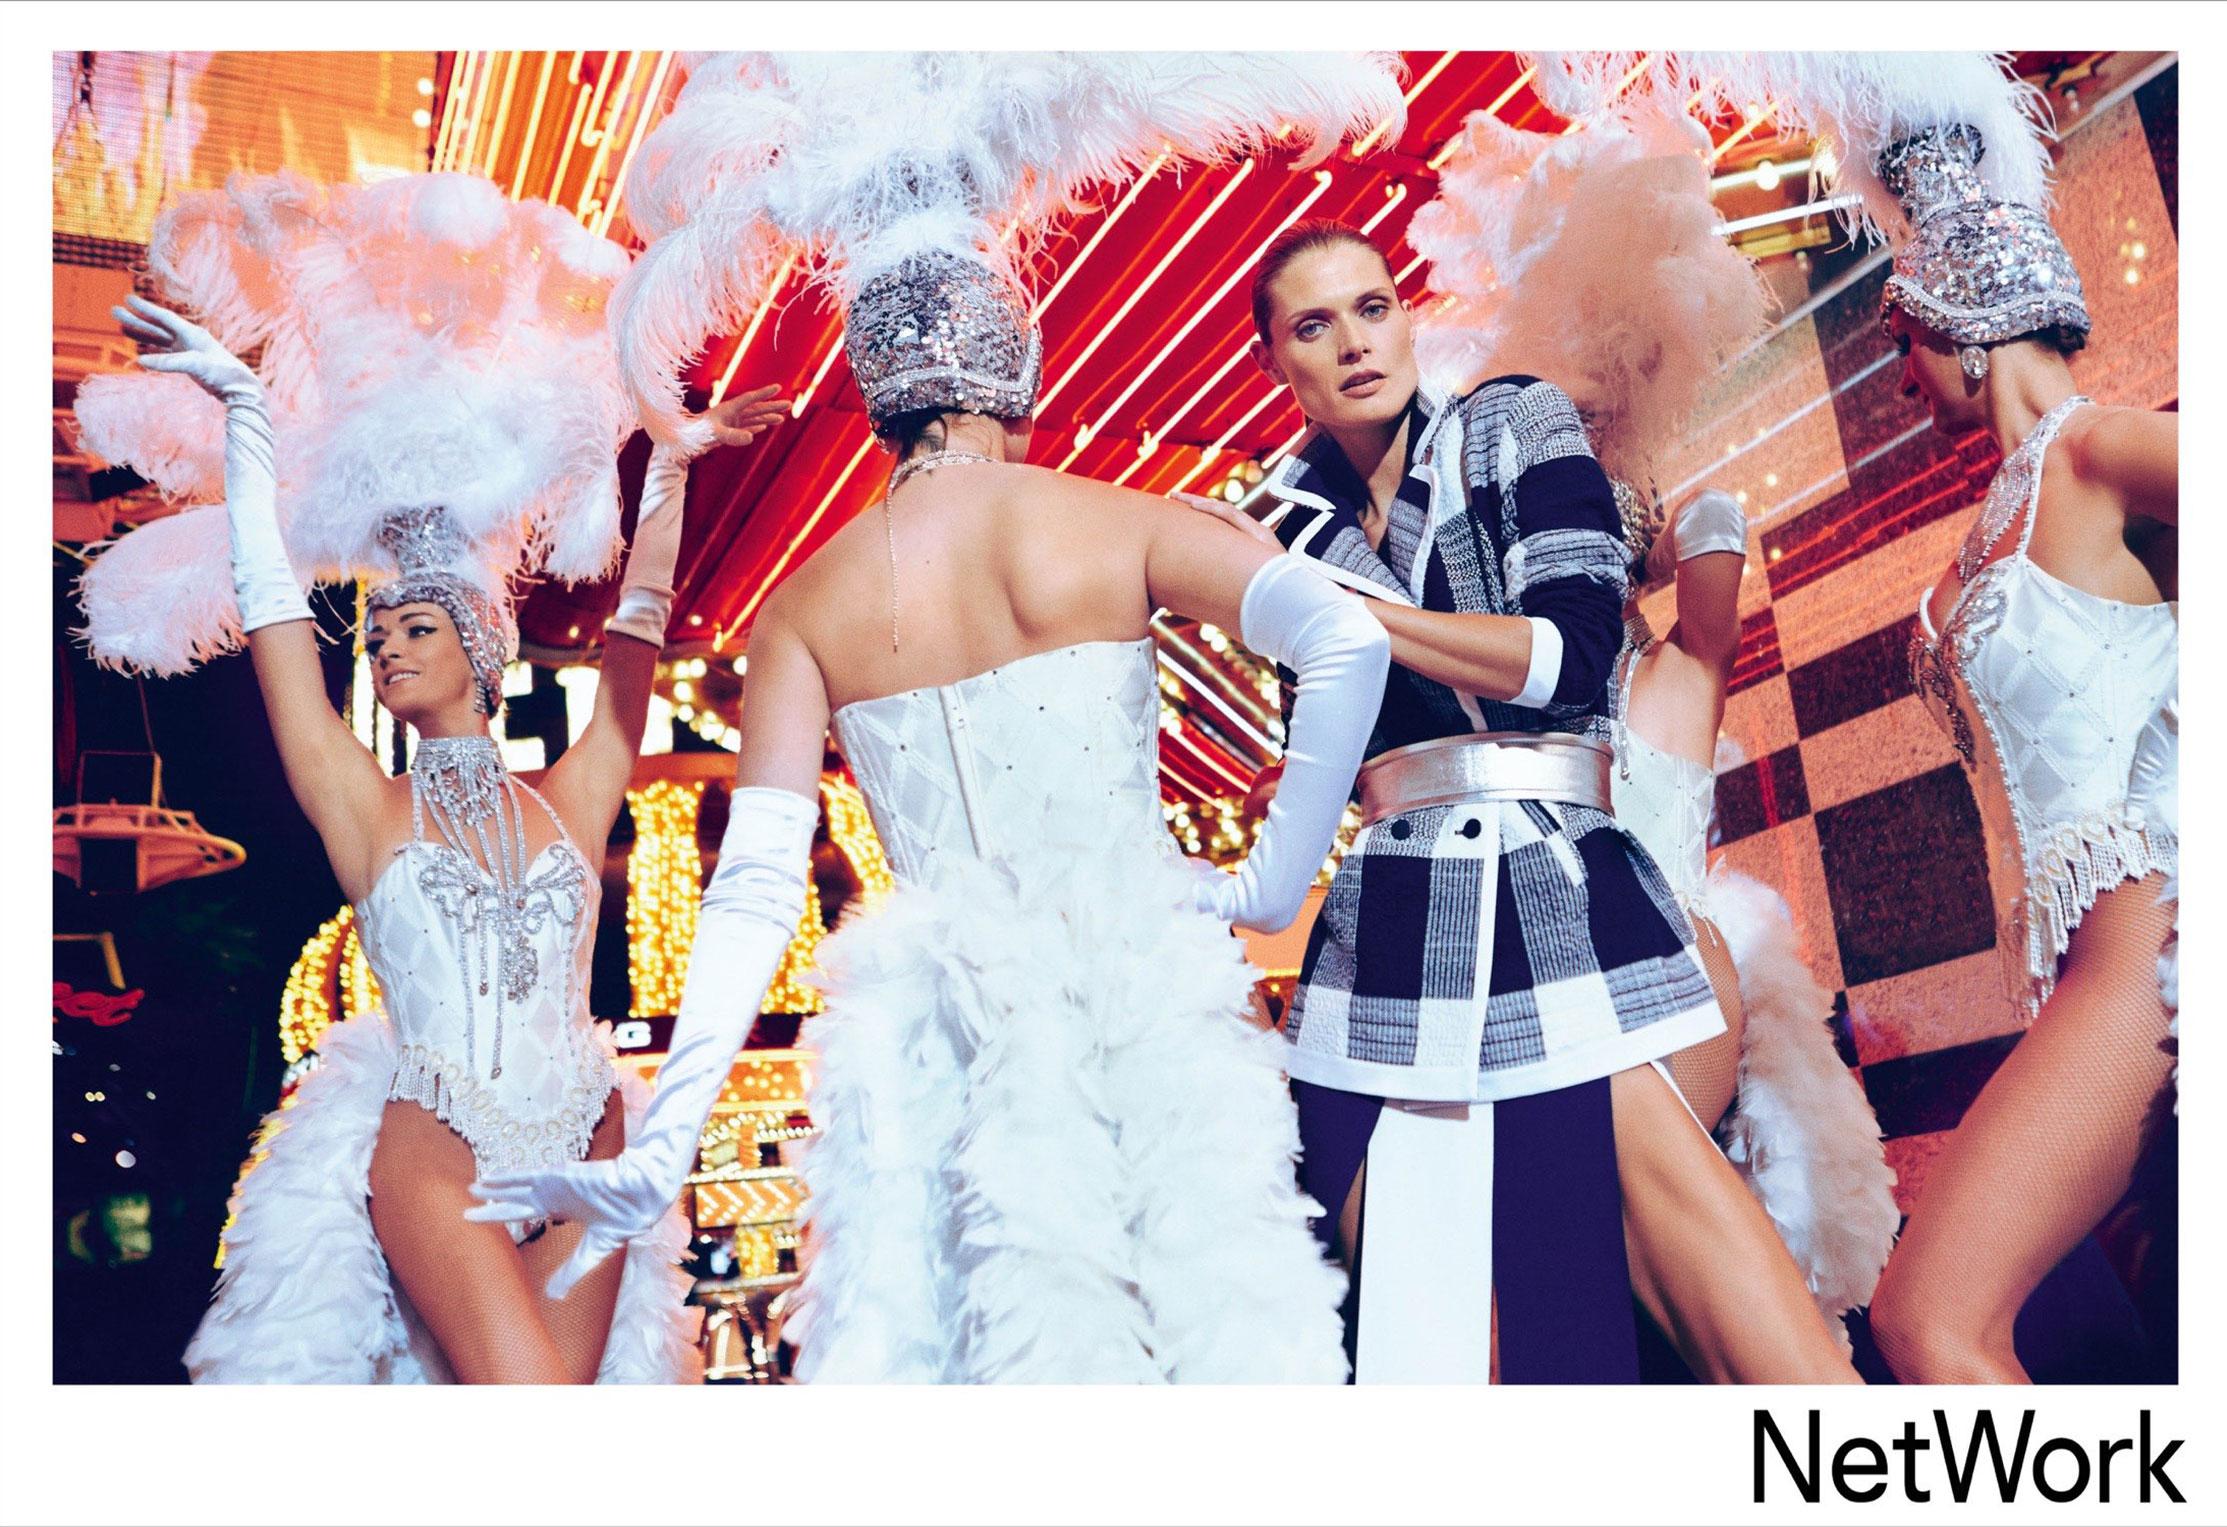 супермодель Малгоша Бела в рекламной кампании турецкого модного бренда Network, сезон весна-лето 2015 / фото 08